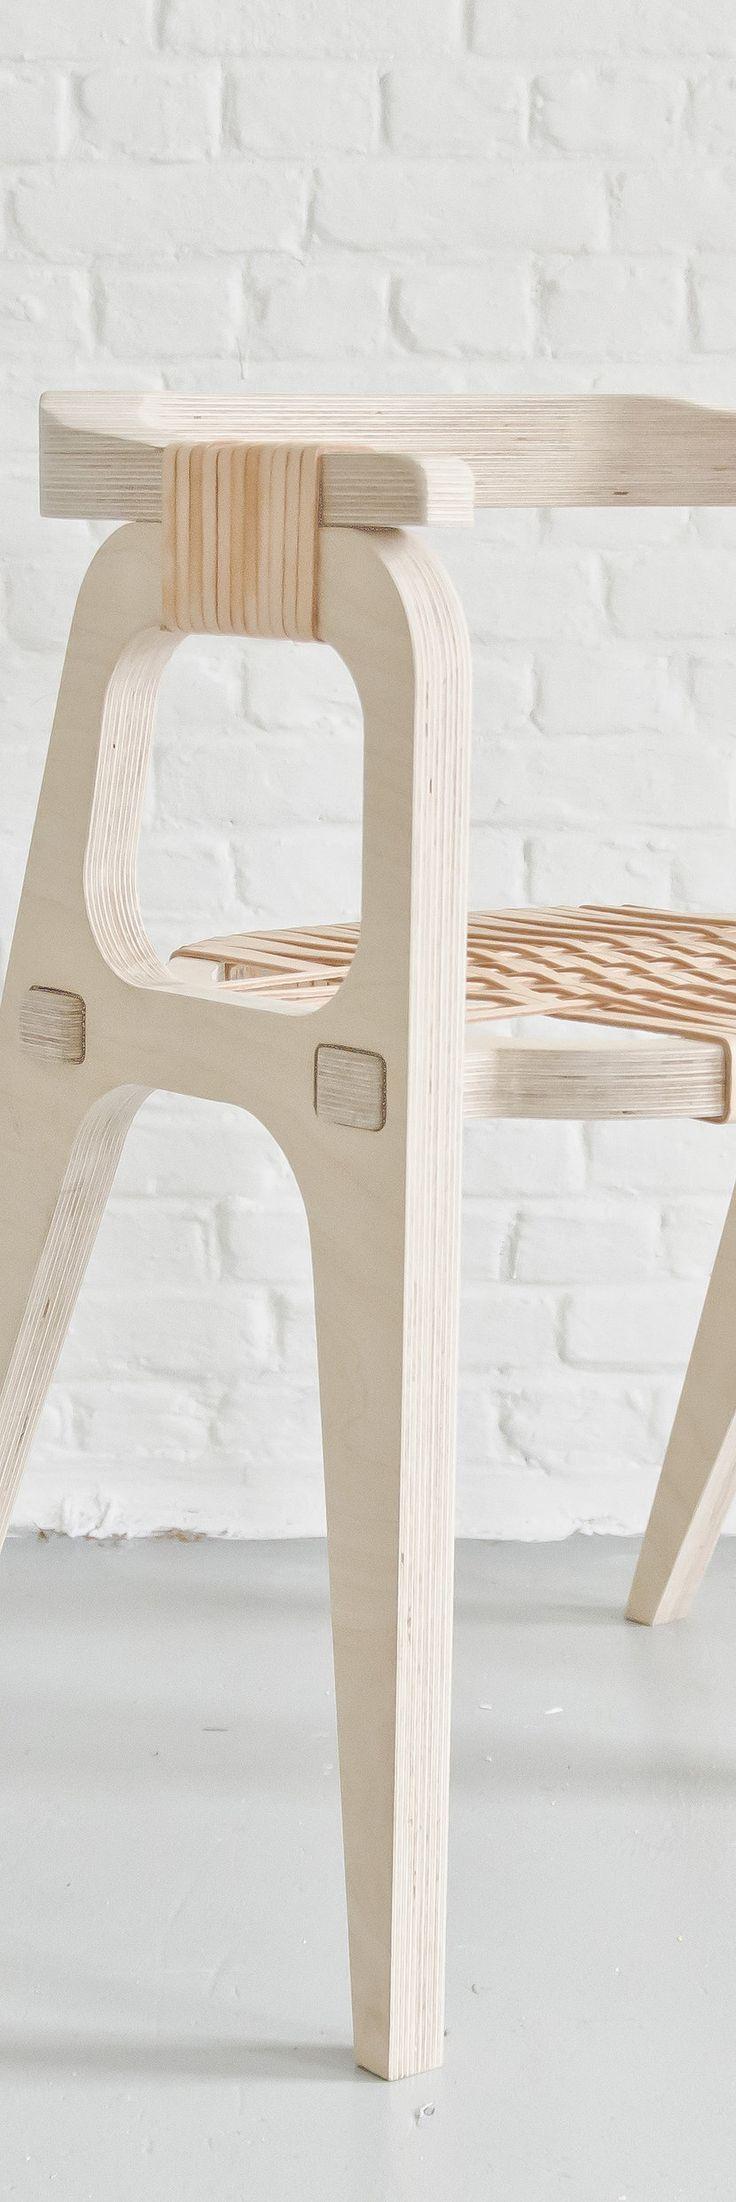 Bind Chair by Jessy Vandurme (KLAER)